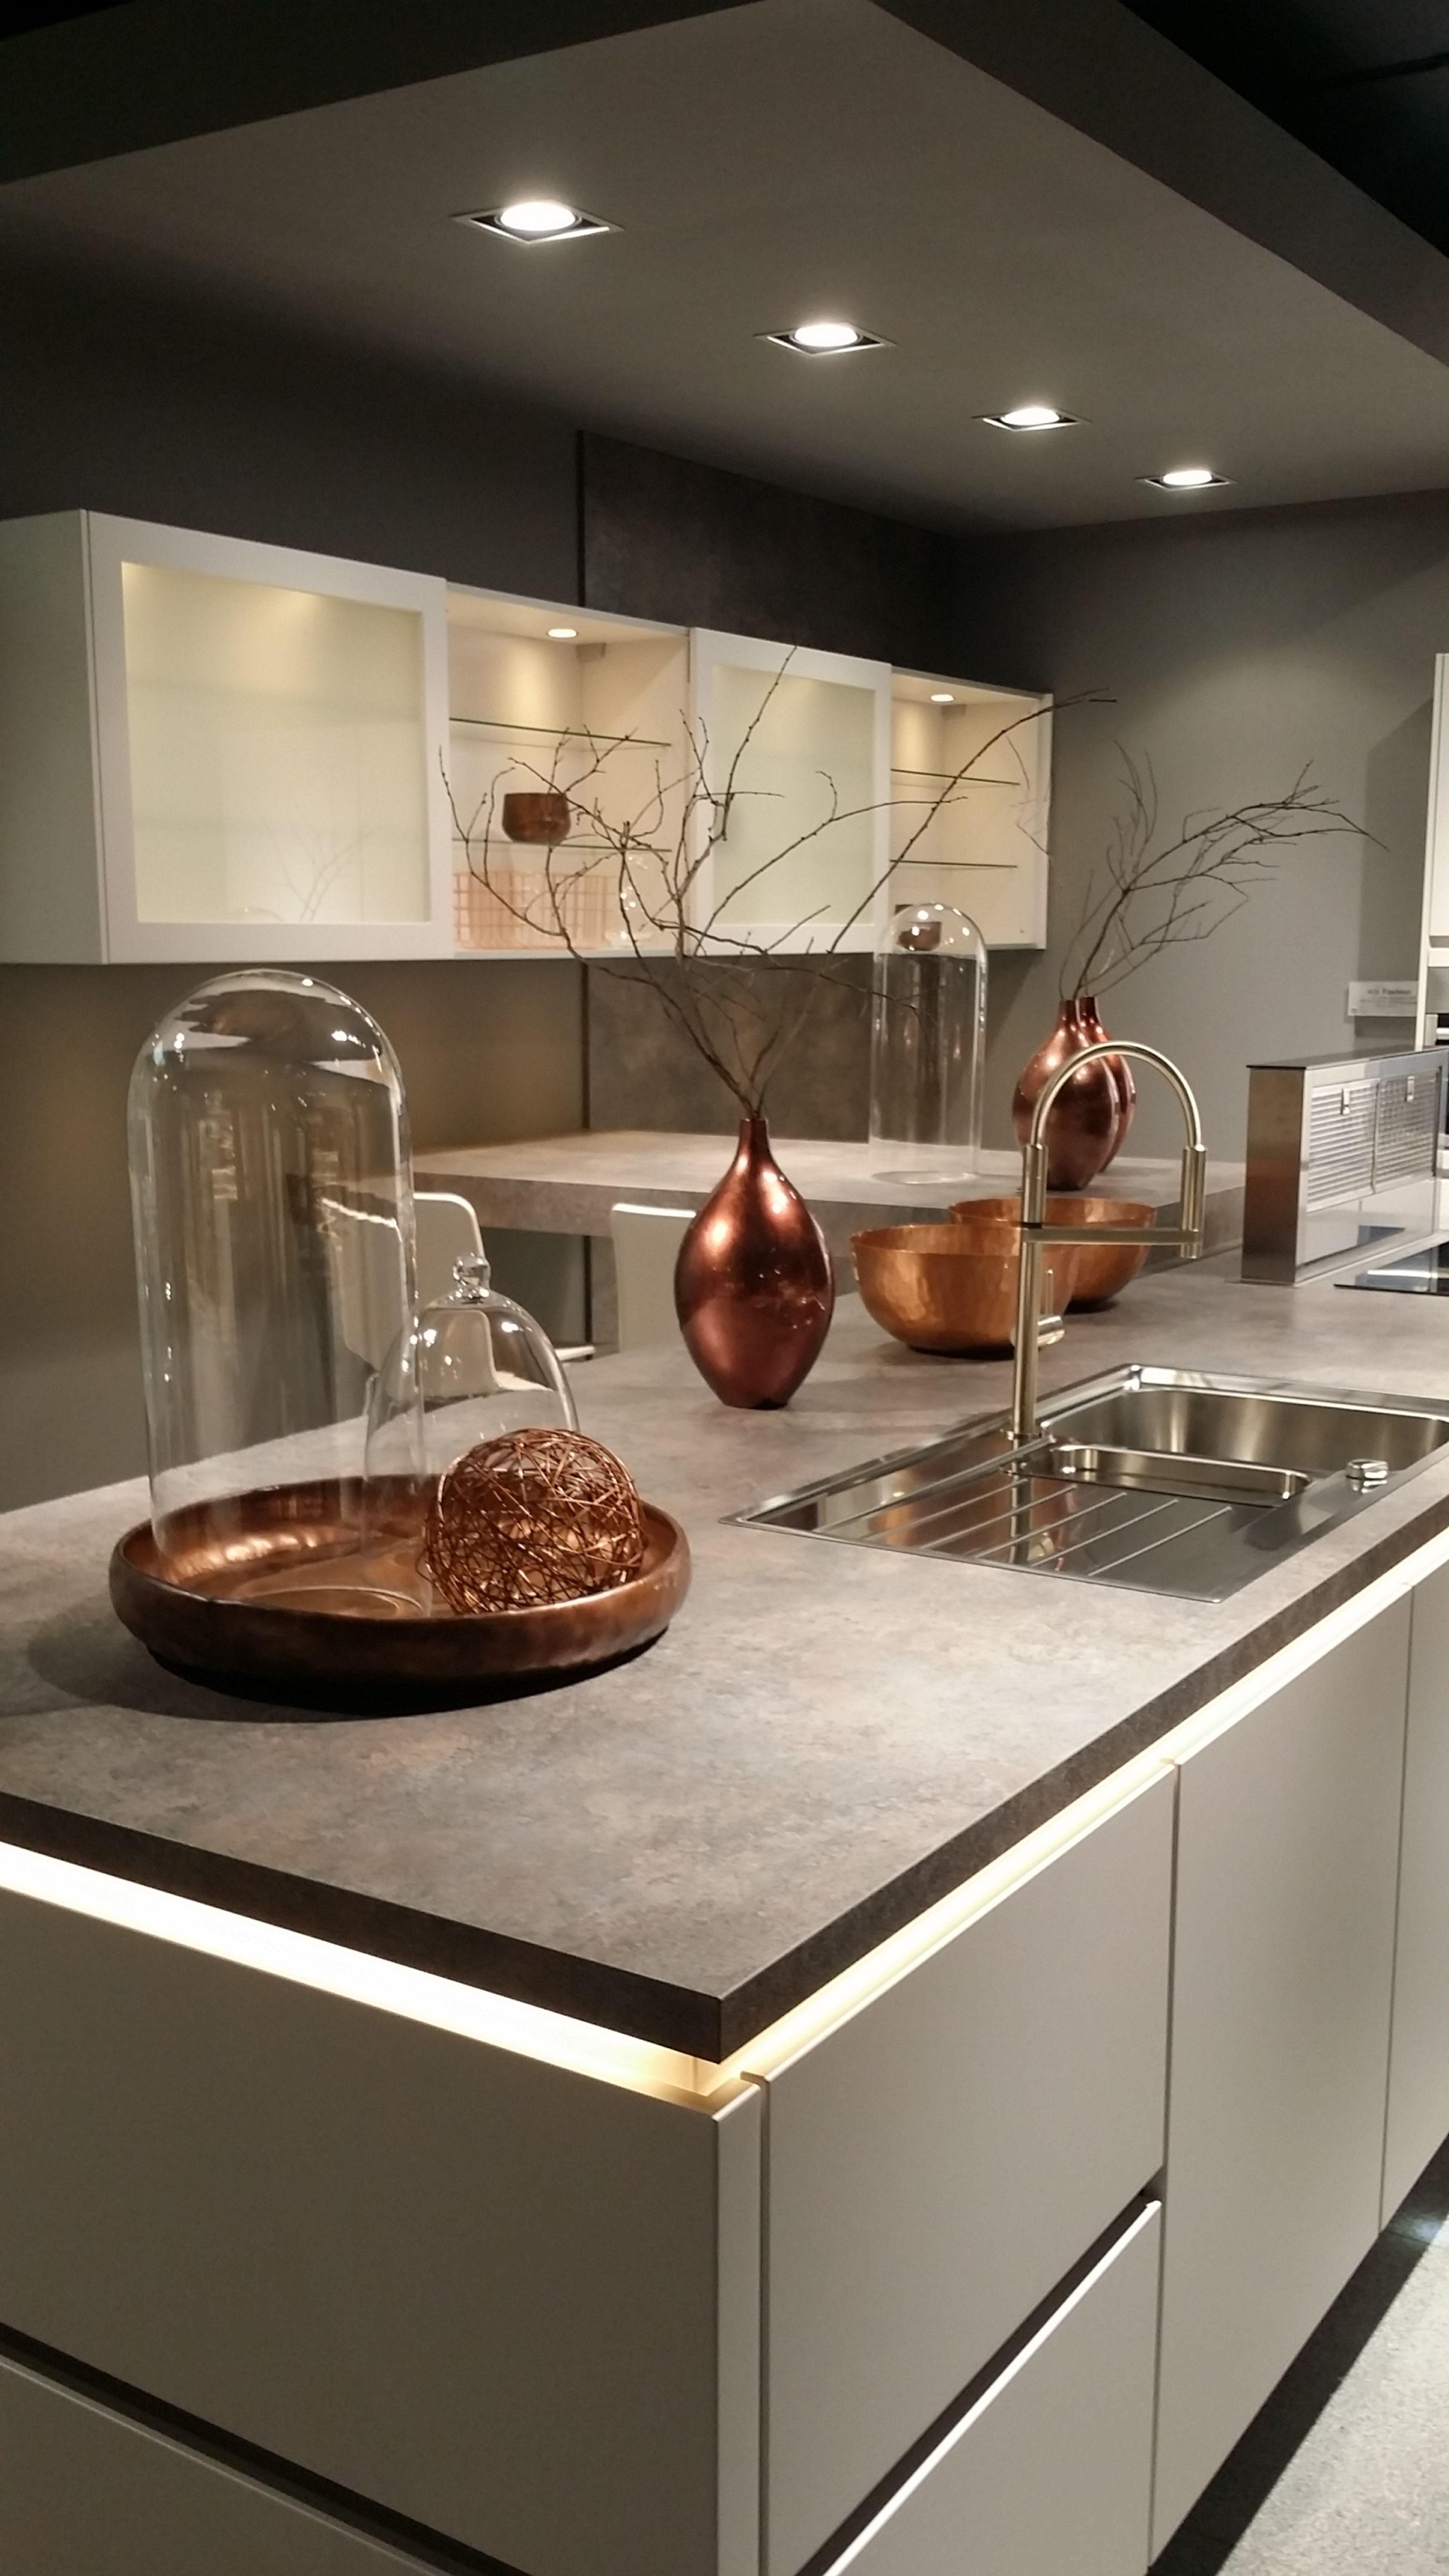 Cuisine Blanche Et Cuivre Sans Poignee Deco Cuisine Moderne Meuble Cuisine Cuisines Design